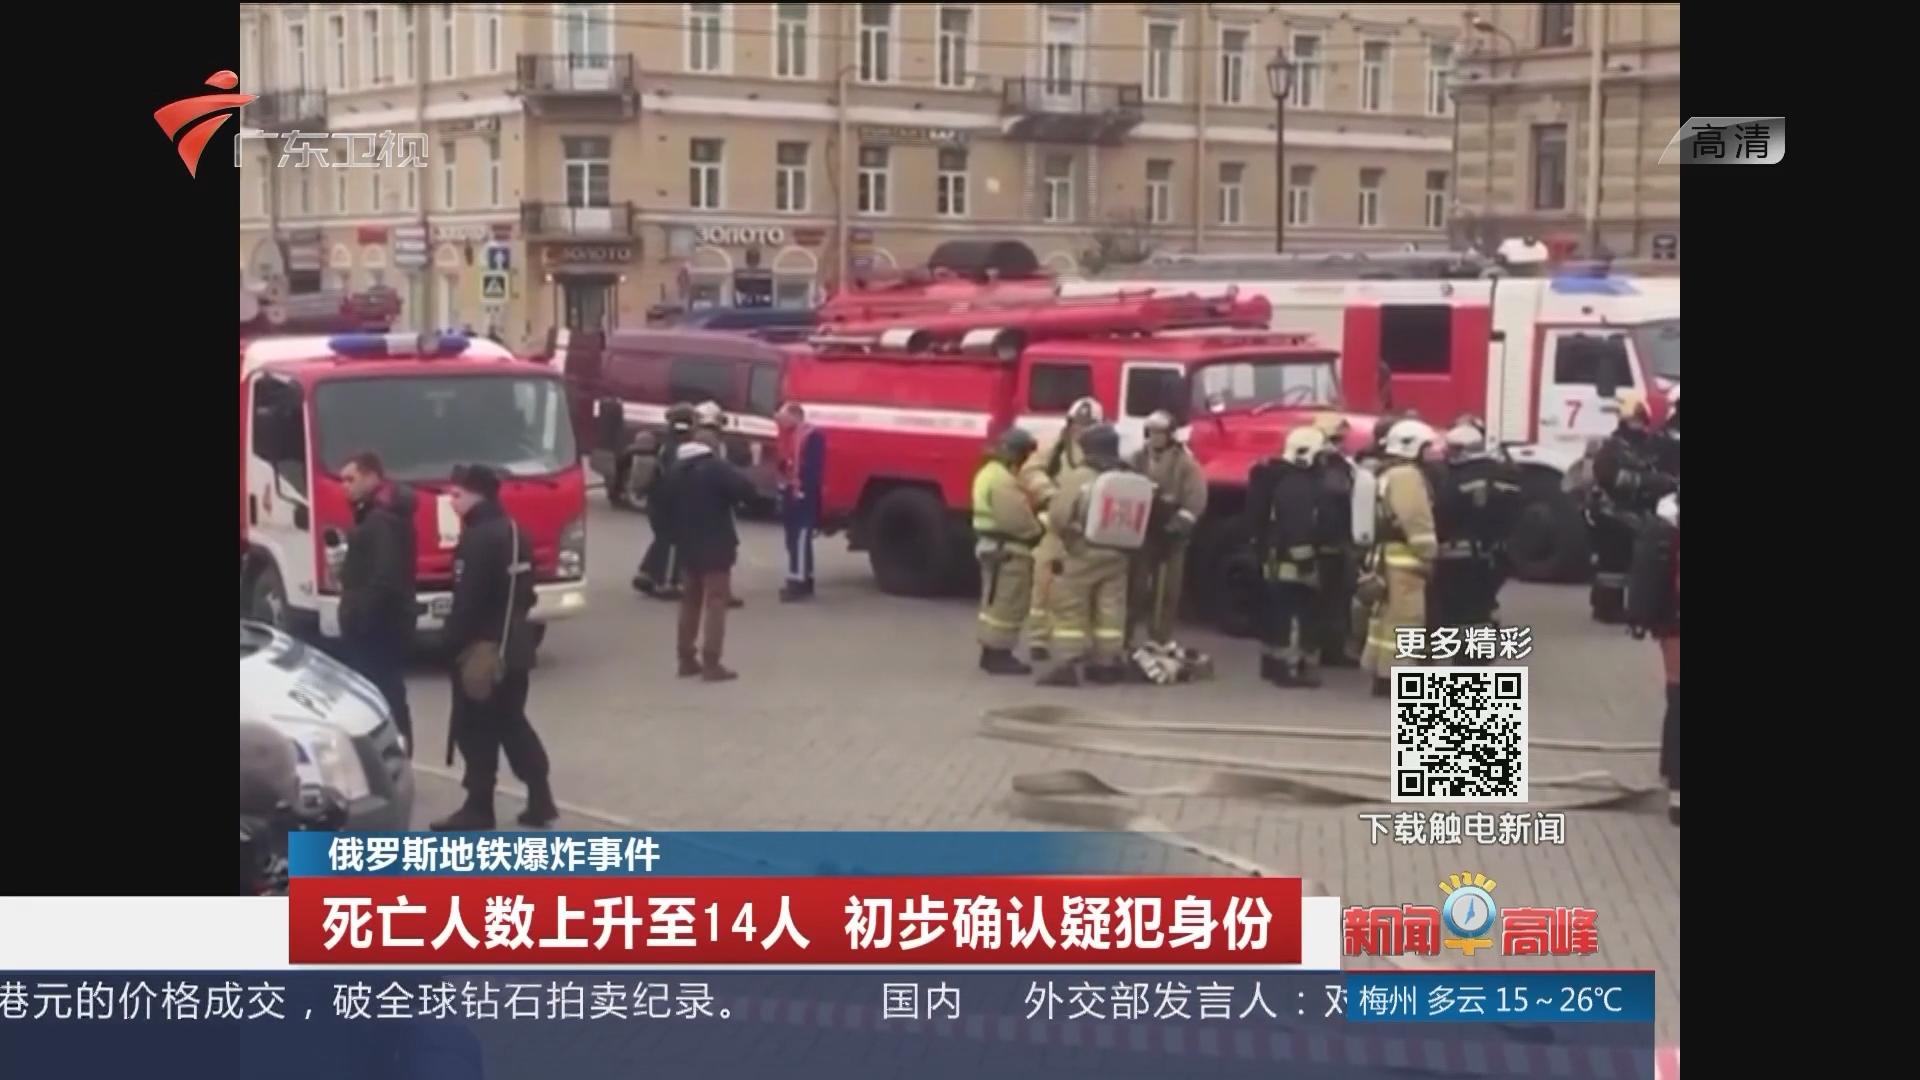 俄罗斯地铁爆炸事件:死亡人数上升至14人 初步确认疑犯身份